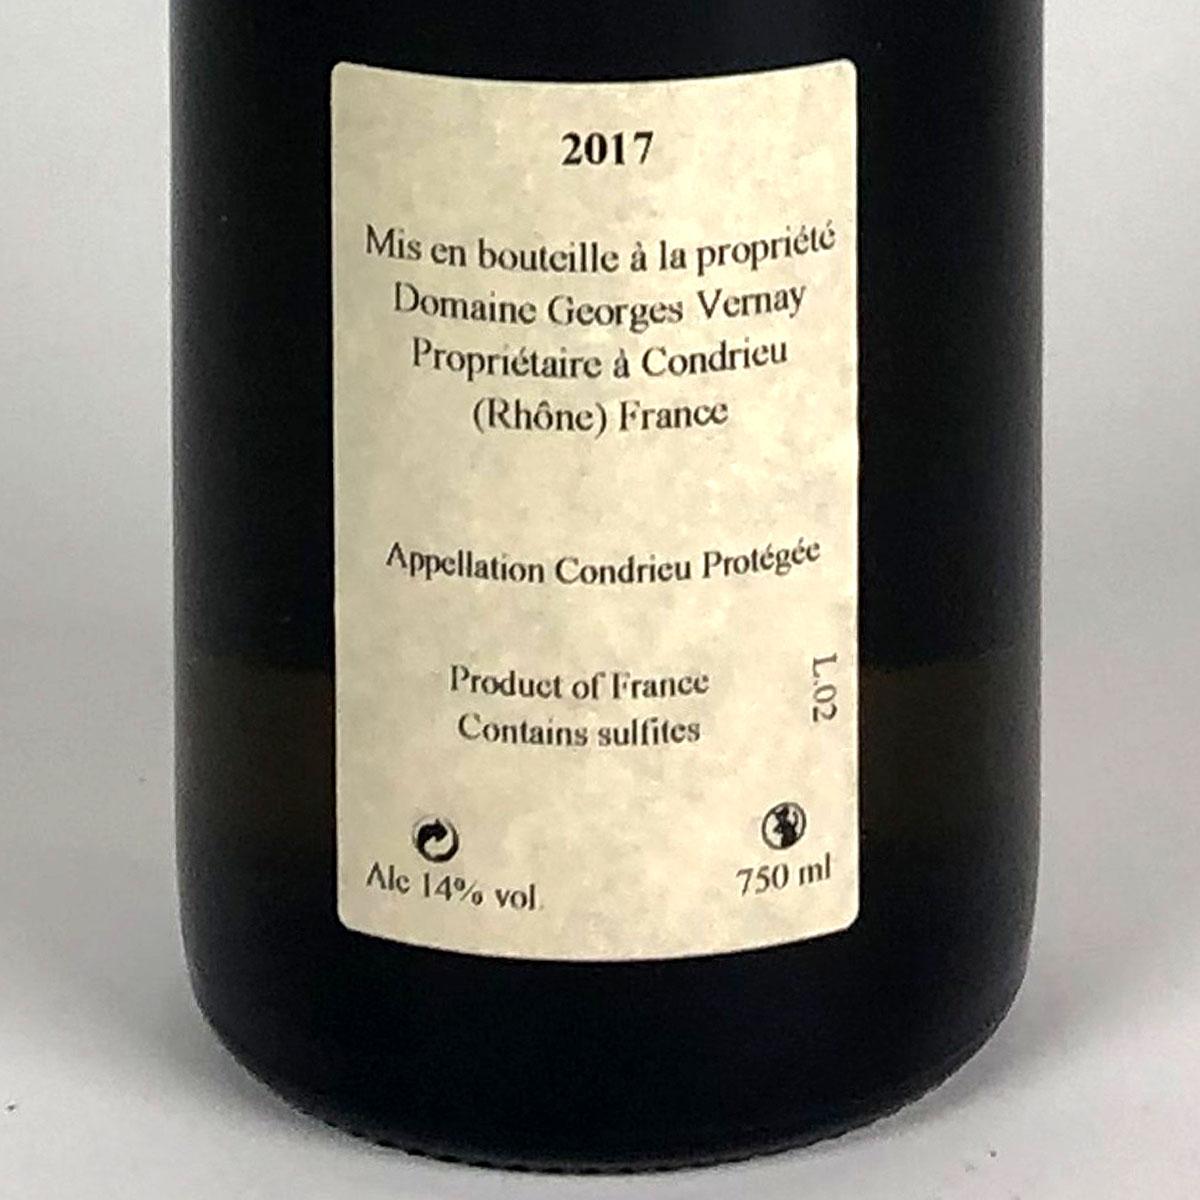 Condrieu: Domaine Georges Vernay 'Les Chaillées de l'Enfer' 2017 - Bottle Rear Label